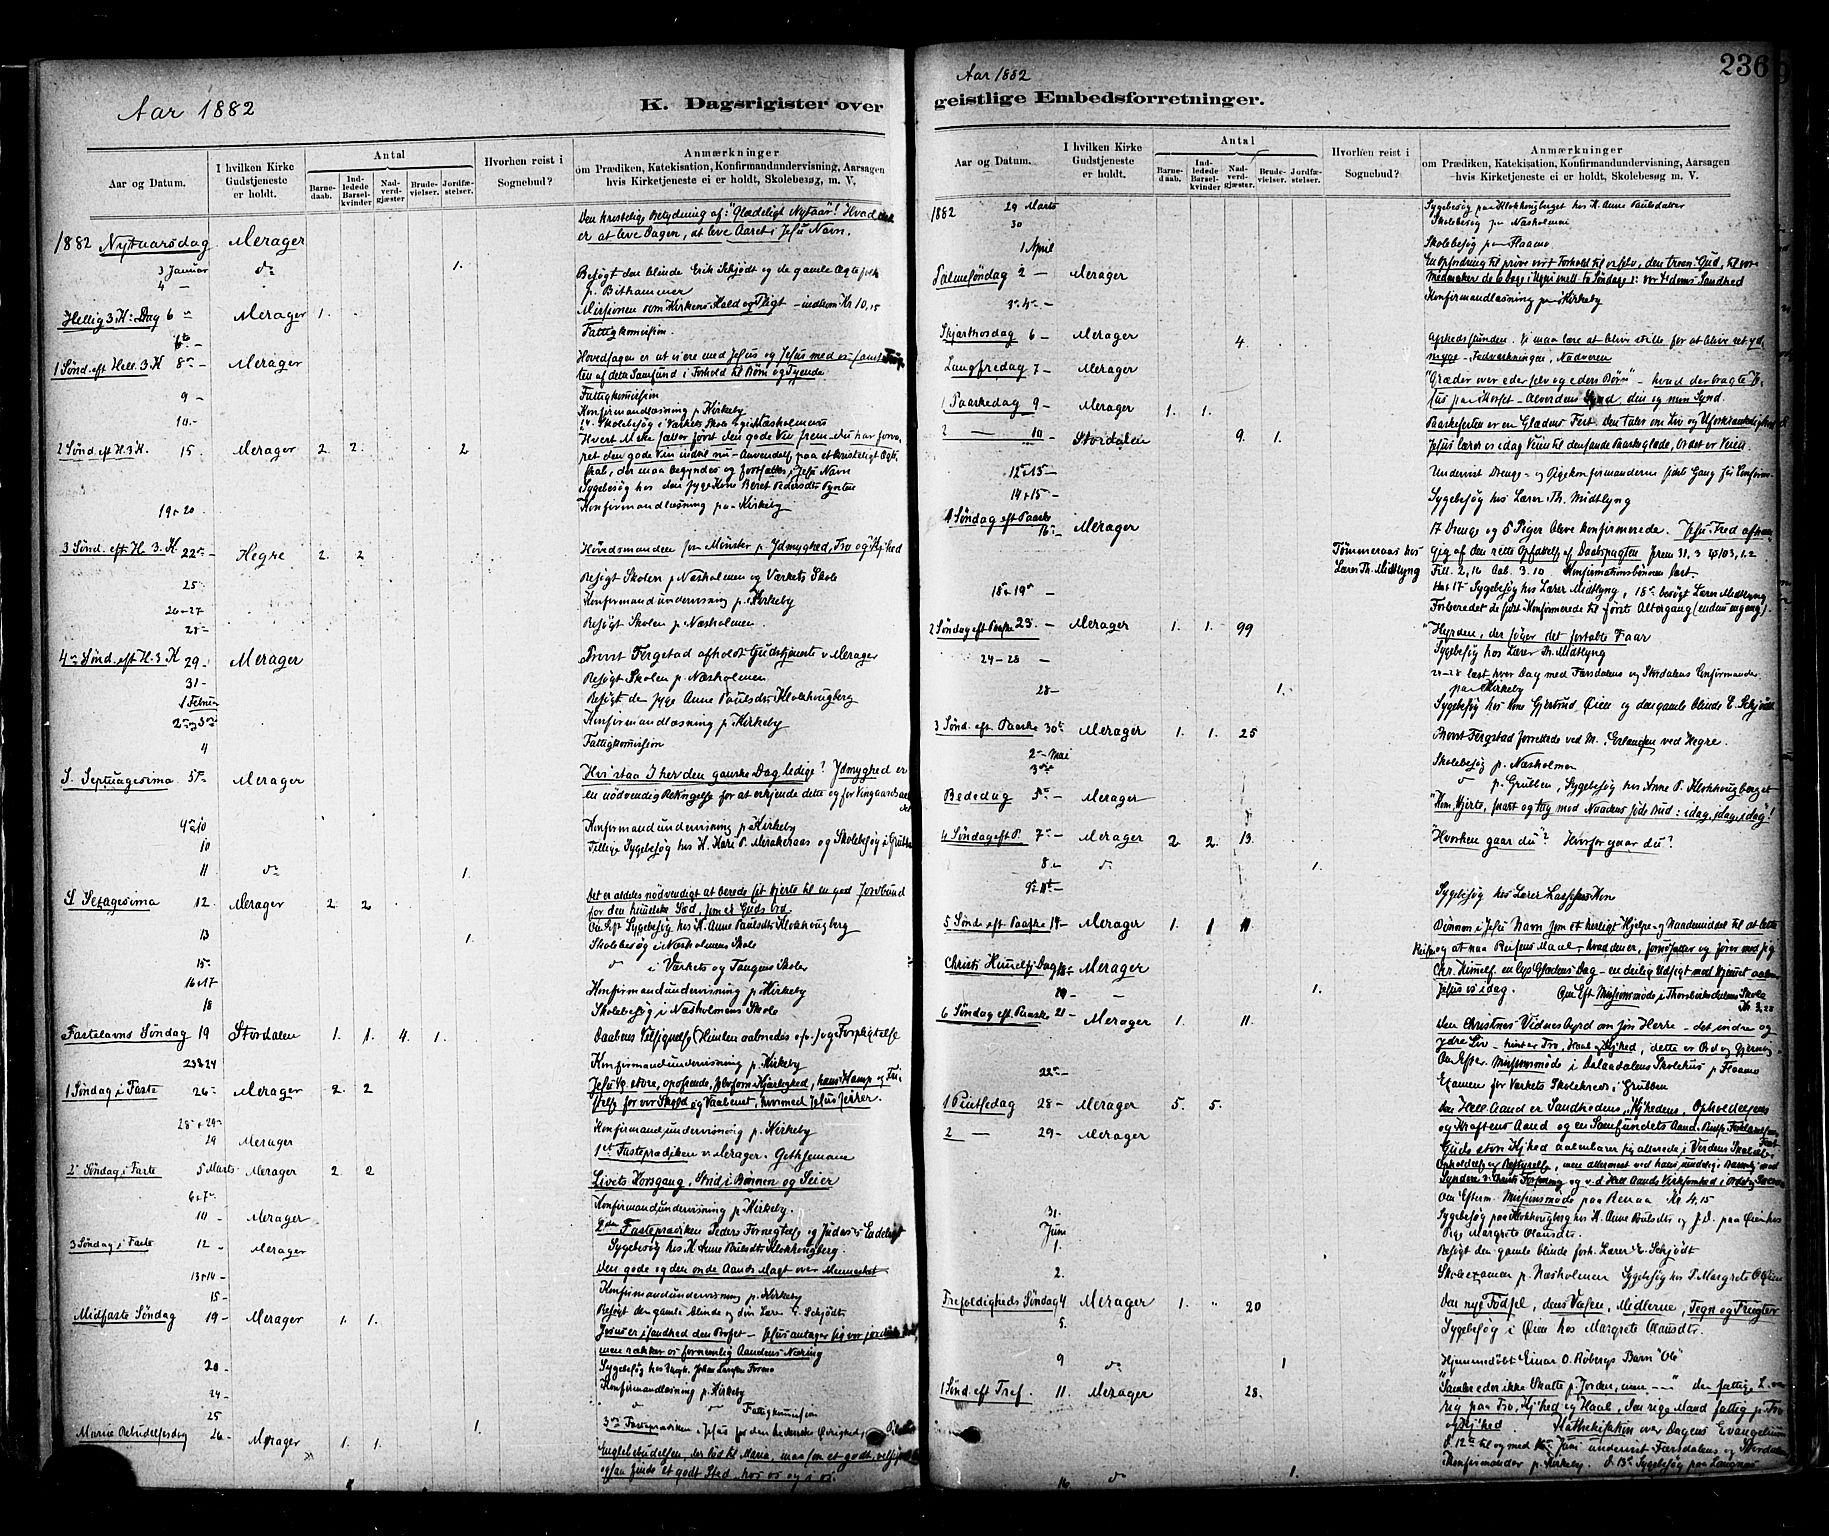 SAT, Ministerialprotokoller, klokkerbøker og fødselsregistre - Nord-Trøndelag, 706/L0047: Parish register (official) no. 706A03, 1878-1892, p. 236